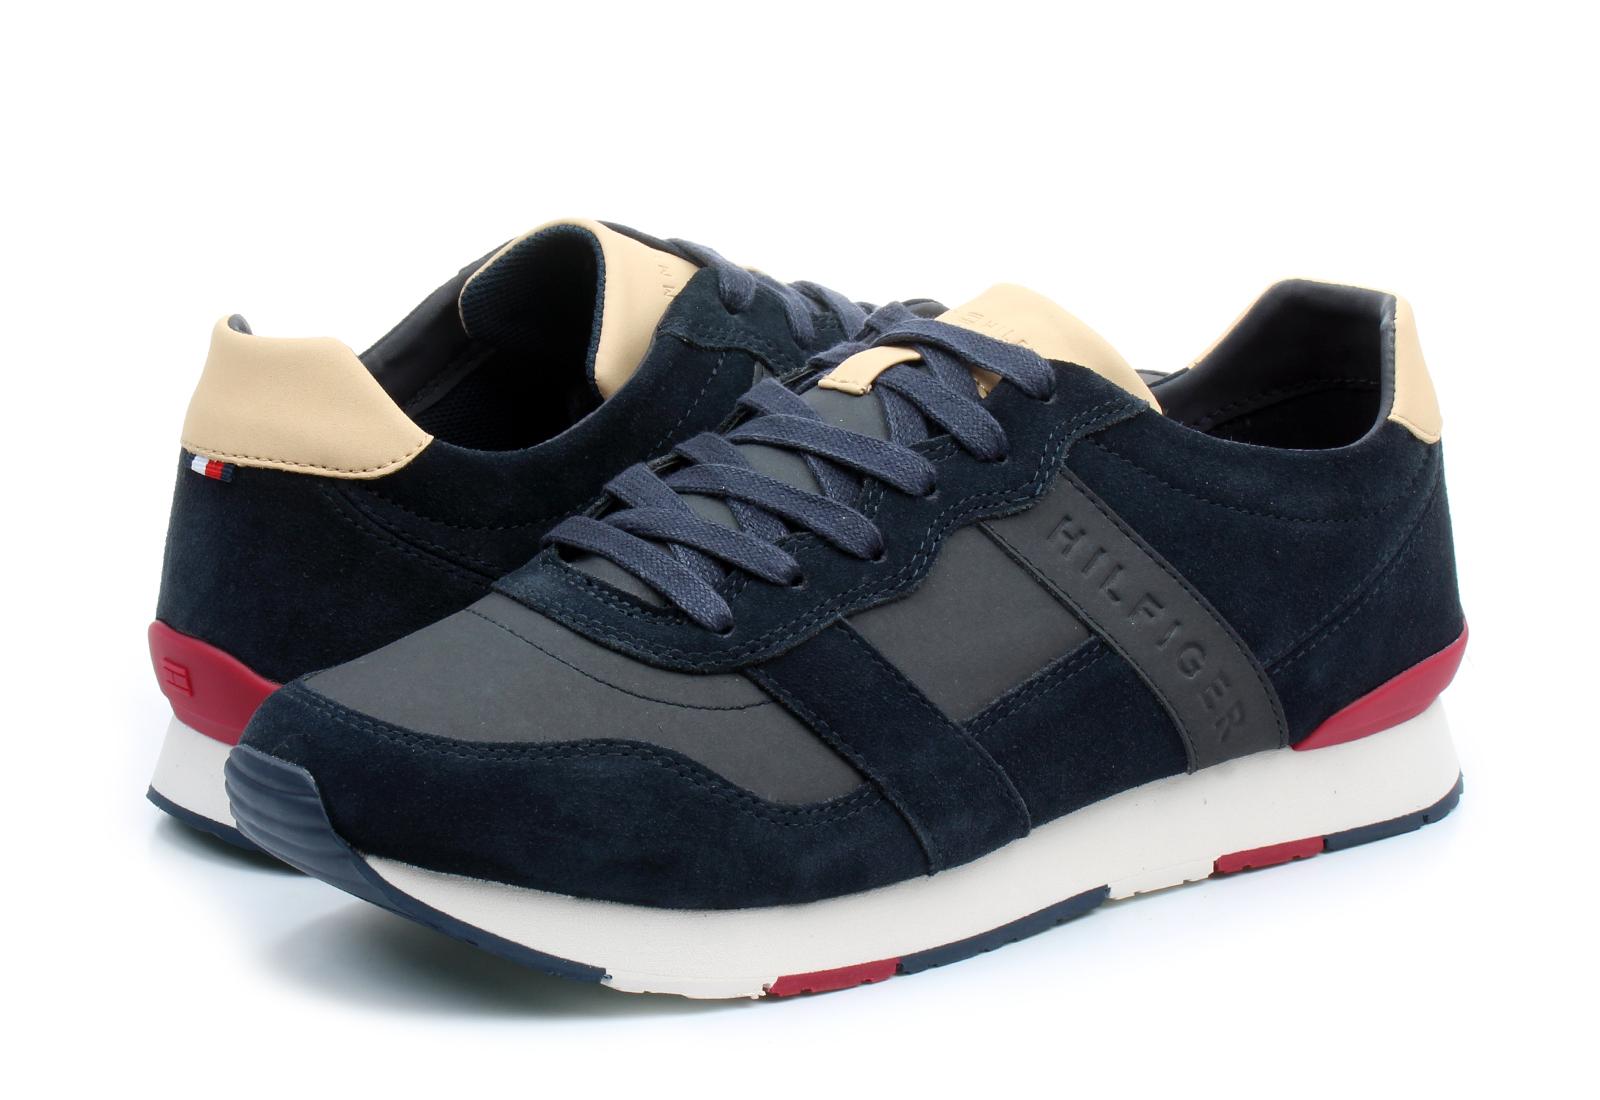 Tommy Hilfiger Shoes Leeds 3c 18f 1624 403 Online